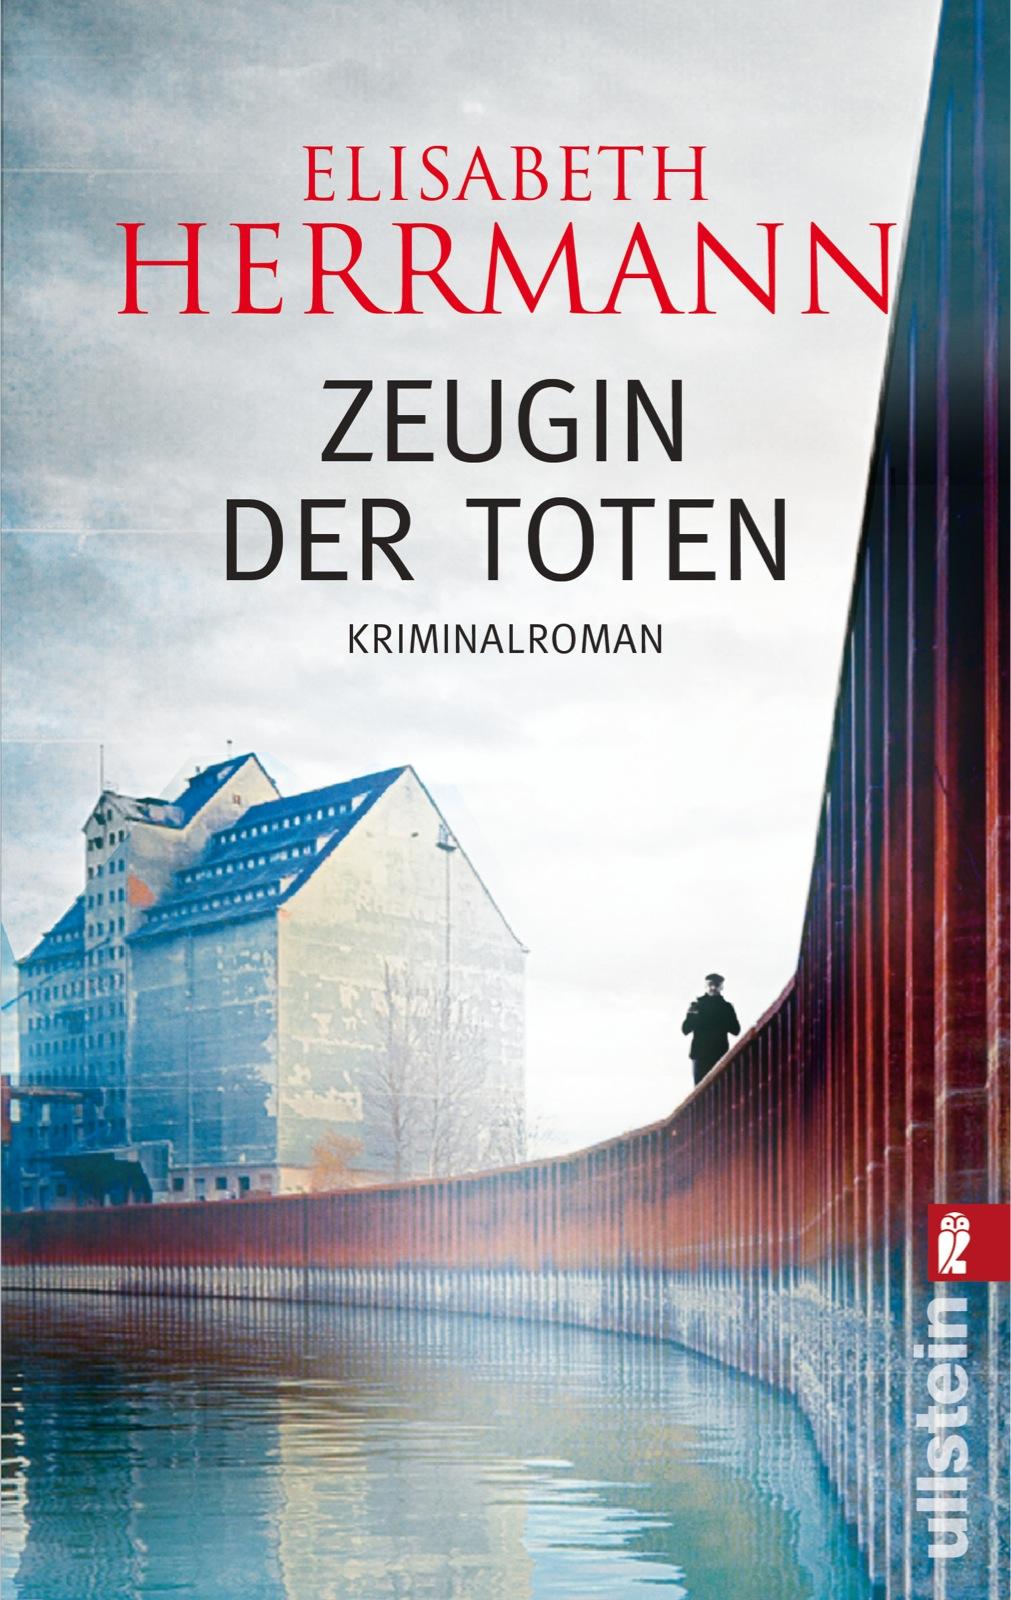 Lillemors Frauenliteratur: August 2012